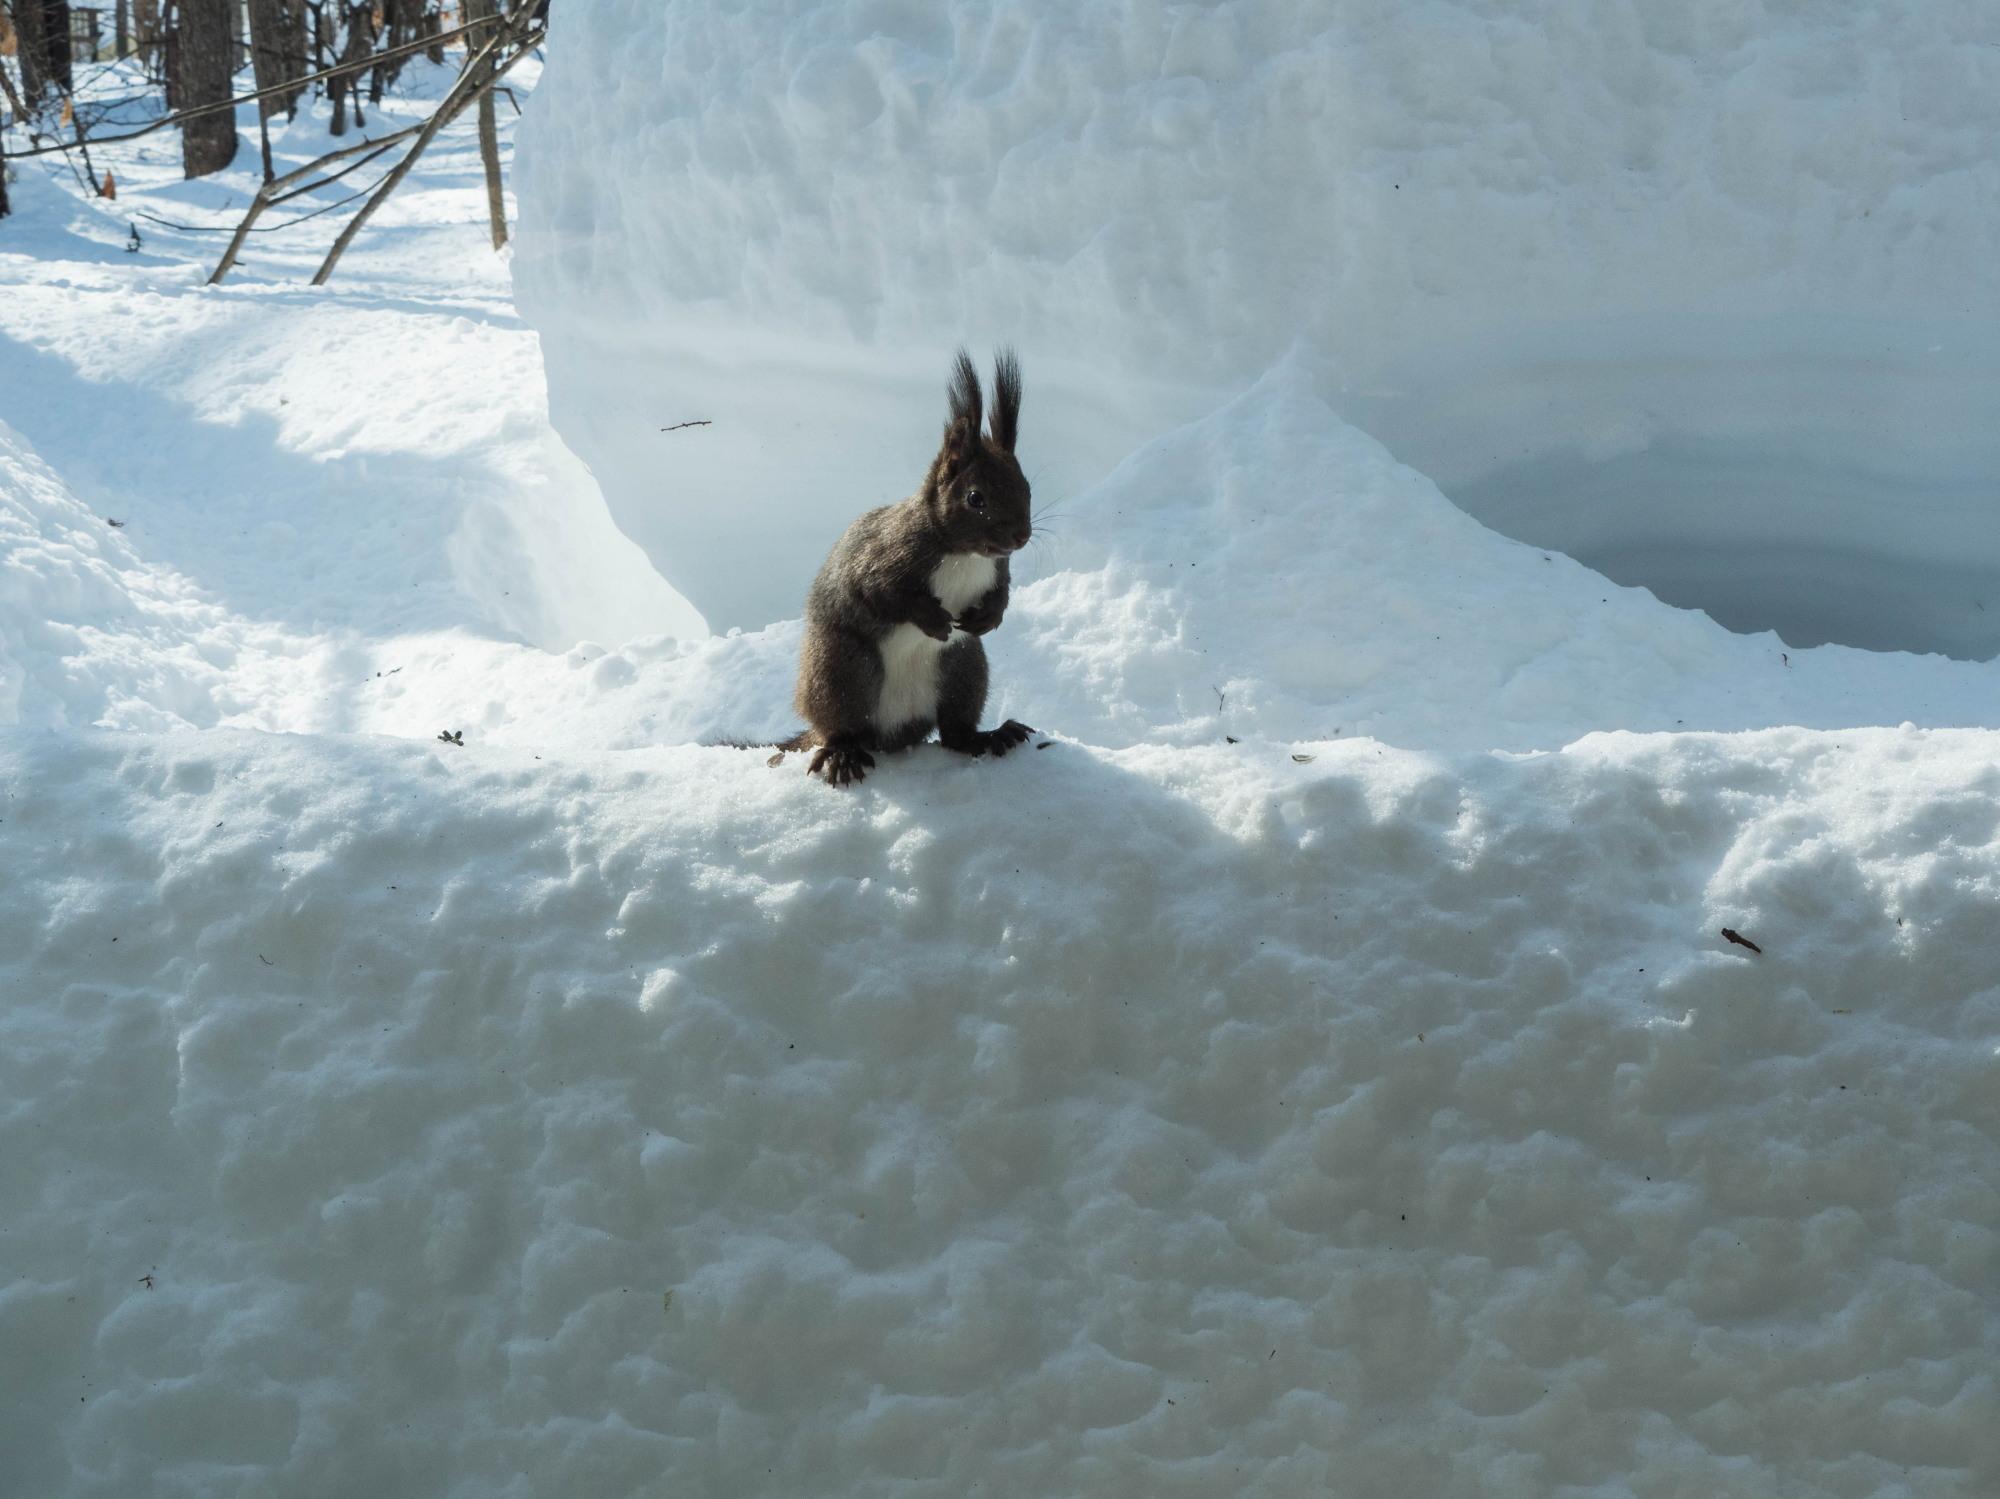 大雪の後は春の陽気。エゾリス君、雪に埋もれたリス小屋に呆然!_f0276498_22365293.jpg